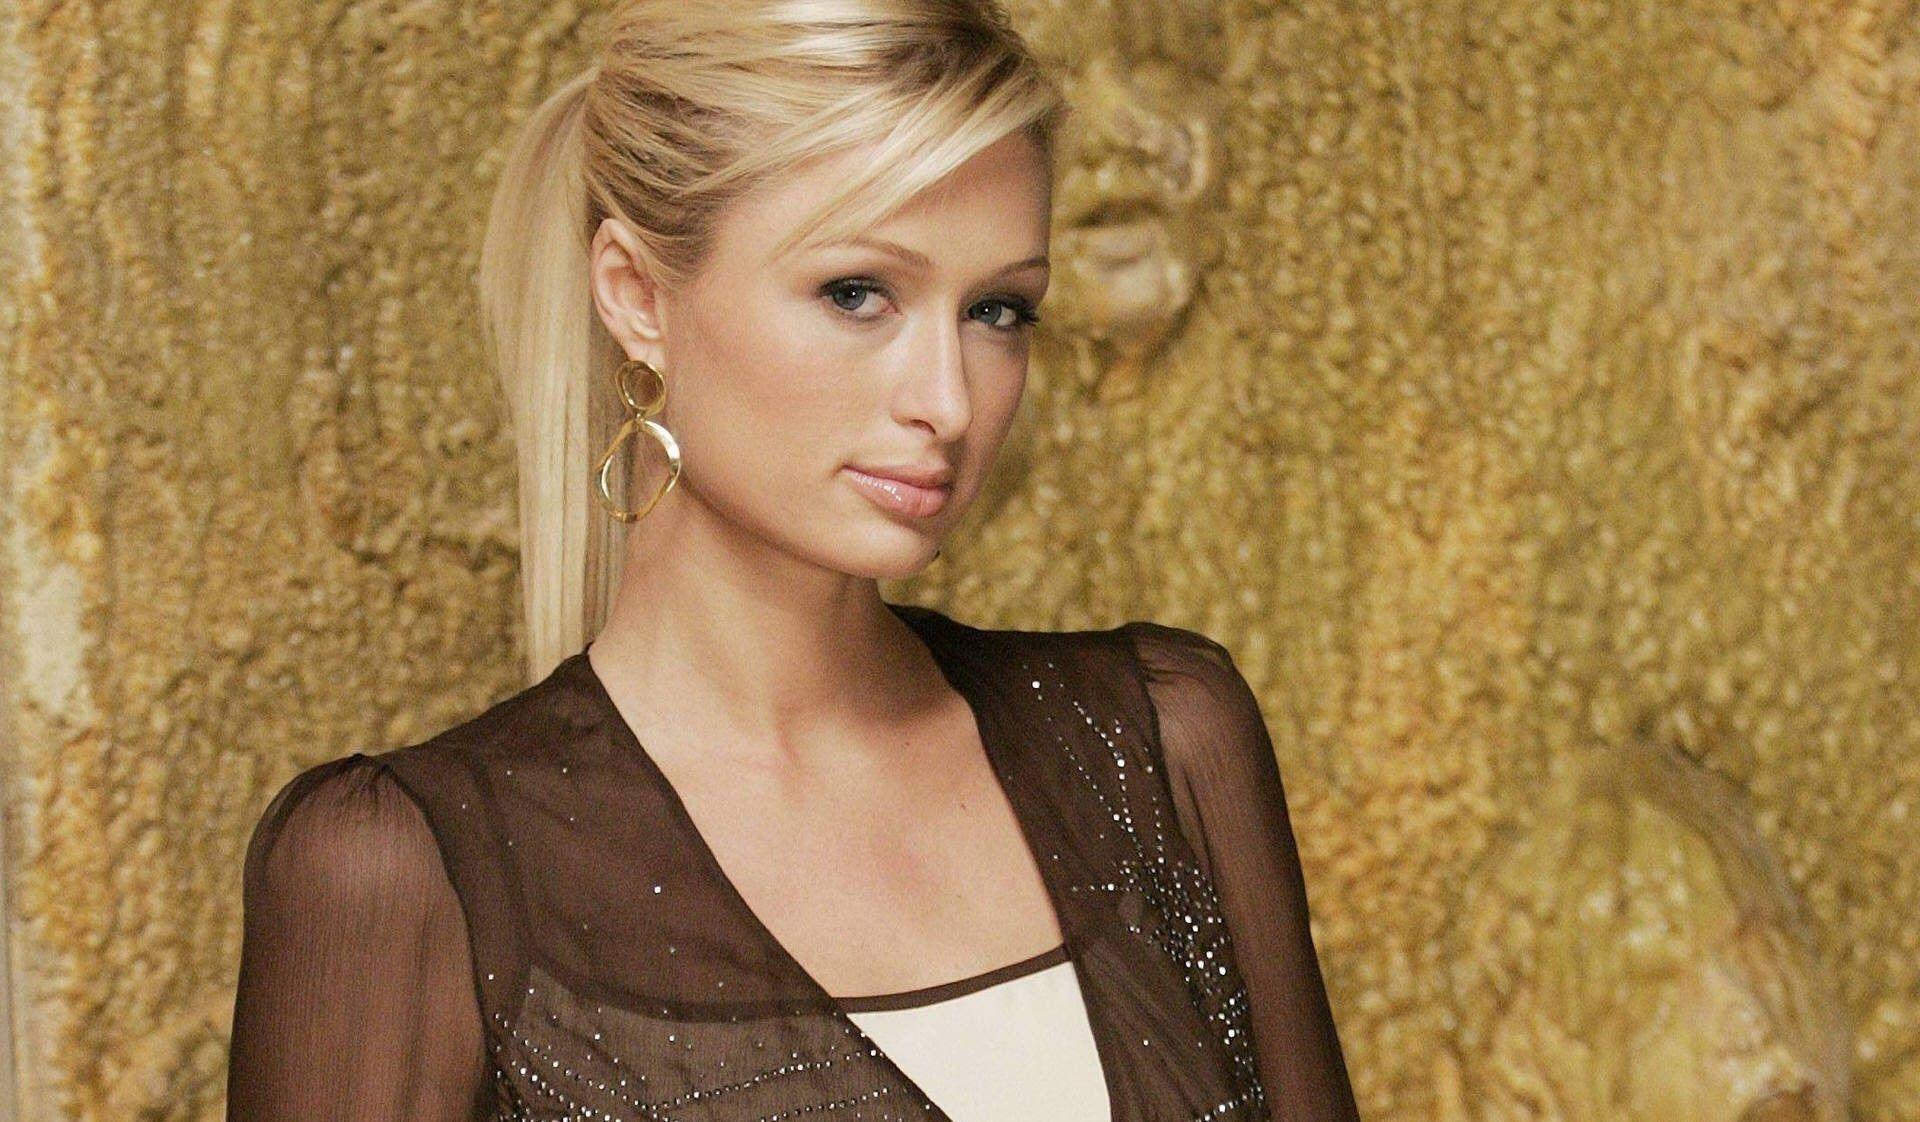 Paris Hilton Wallpapers Images Photos Pictures Backgrounds